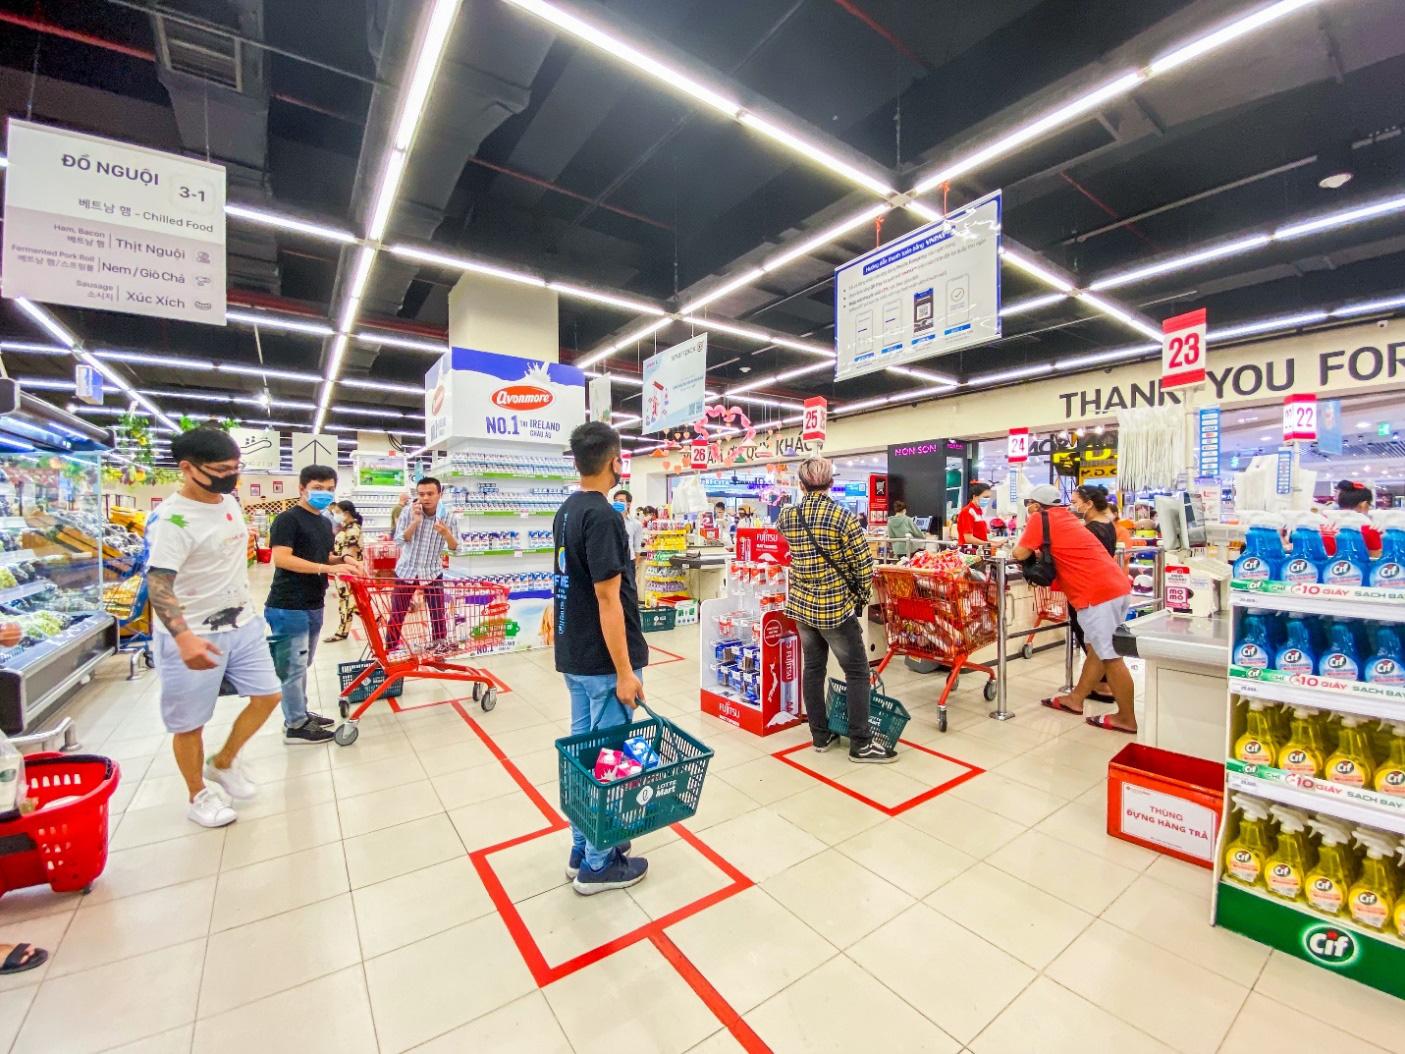 Đi chợ online và offline siêu tiết kiệm với LOTTE Mart - Ảnh 1.